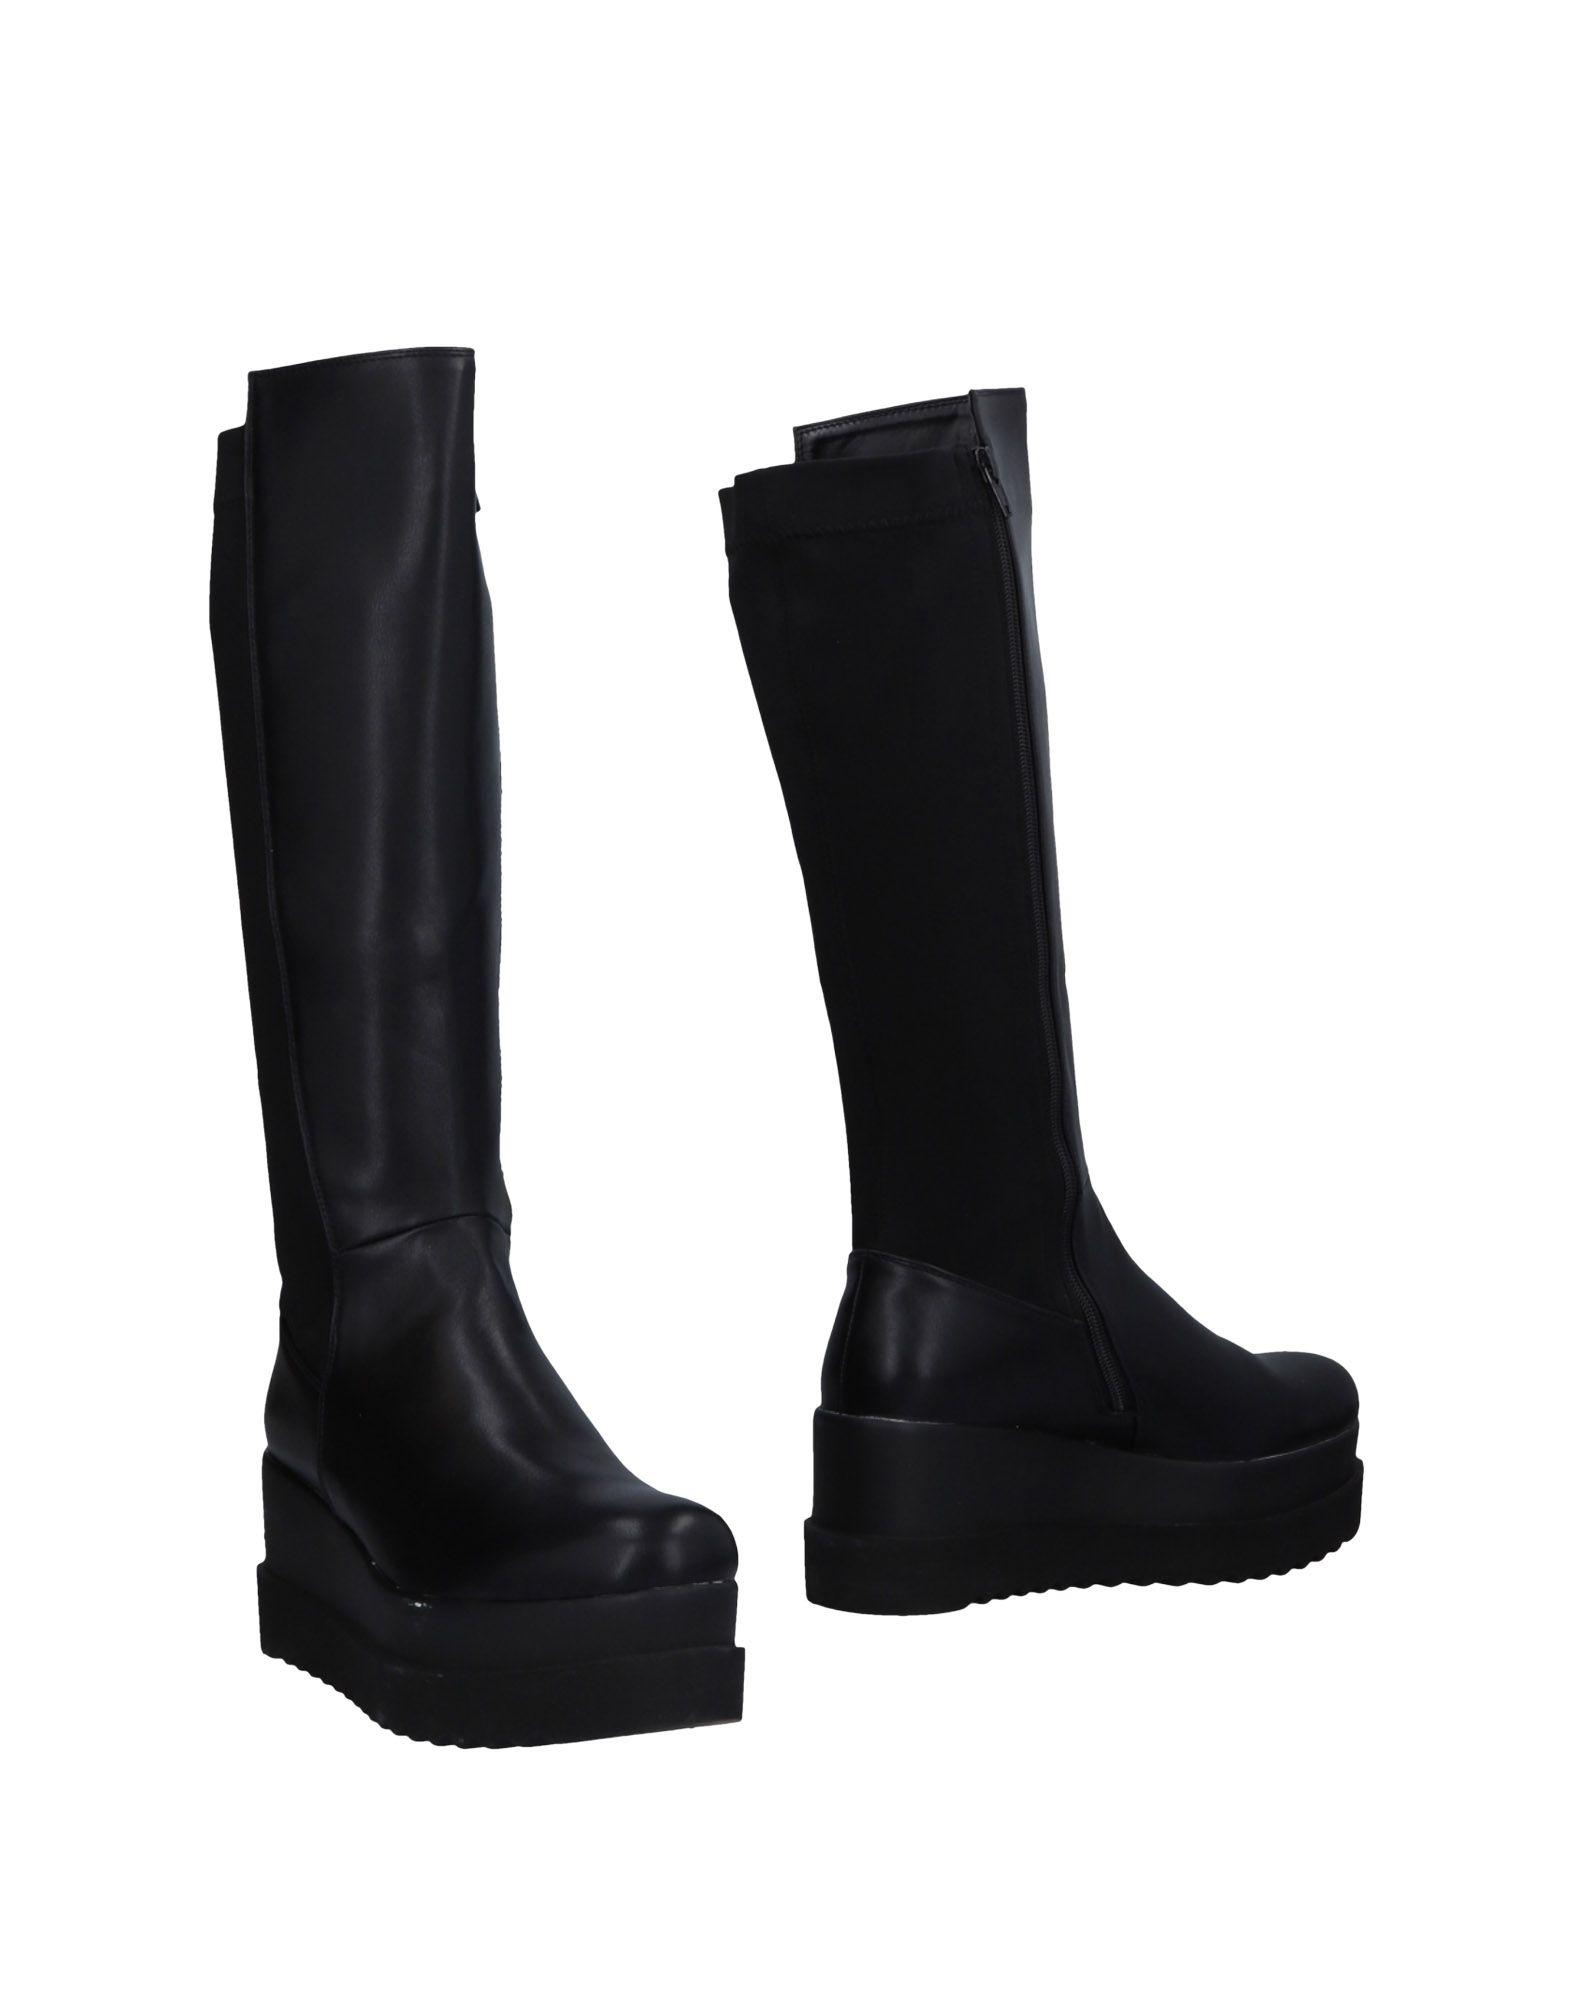 Police 883 Stiefel Damen  11476139MW Gute Qualität beliebte Schuhe